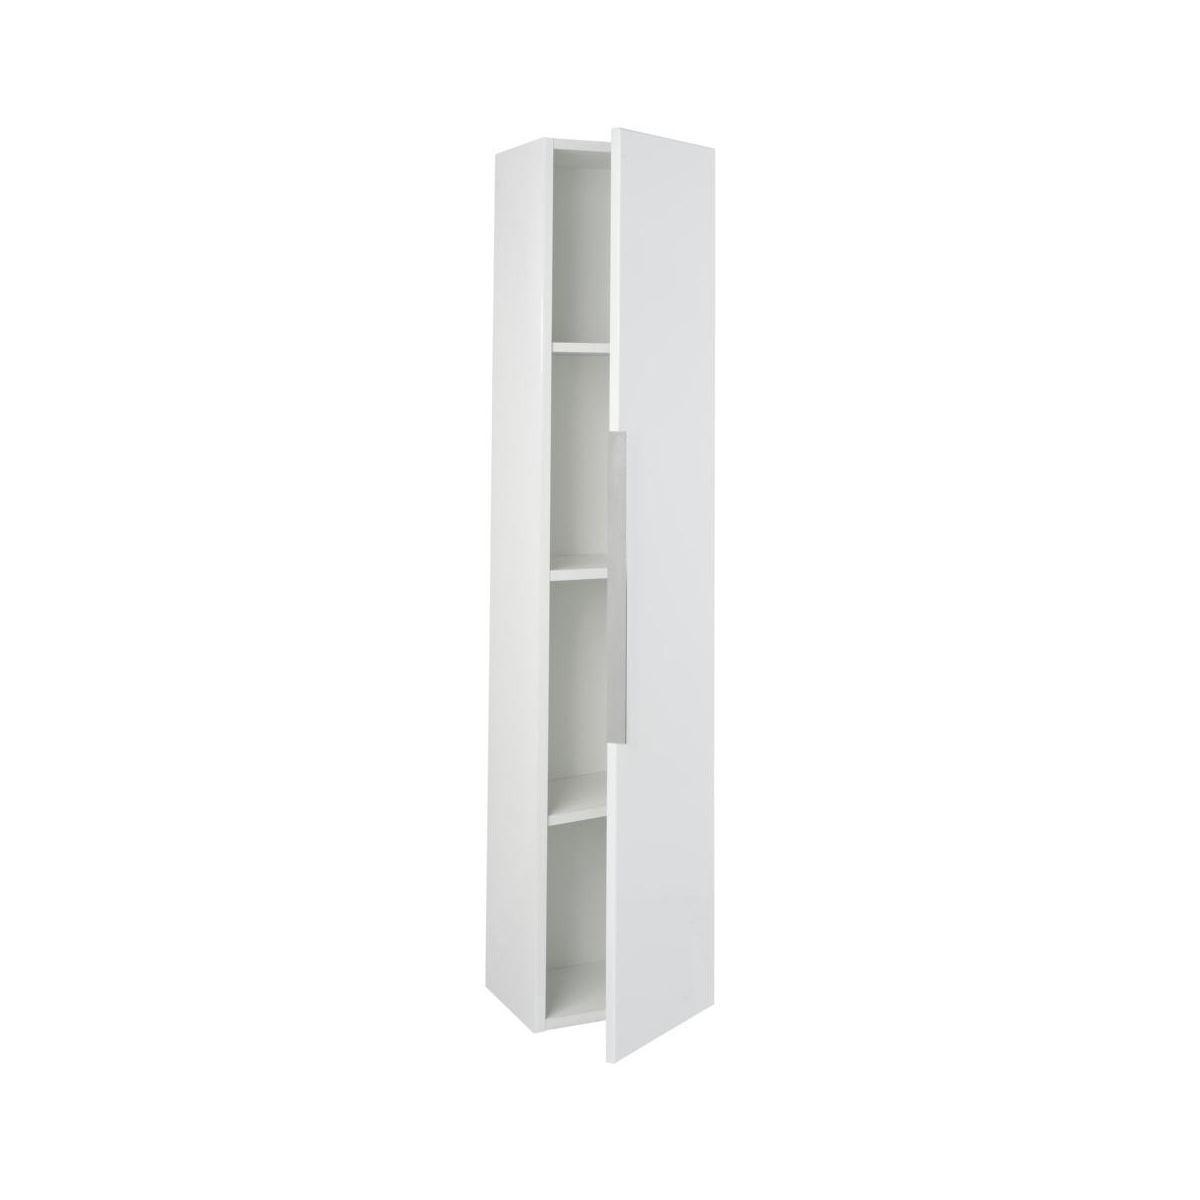 Slupek Aurum 30 X 150 Mirano Slupki Polslupki Lazienkowe W Atrakcyjnej Cenie W Sklepach Leroy Merlin Locker Storage Furniture Storage